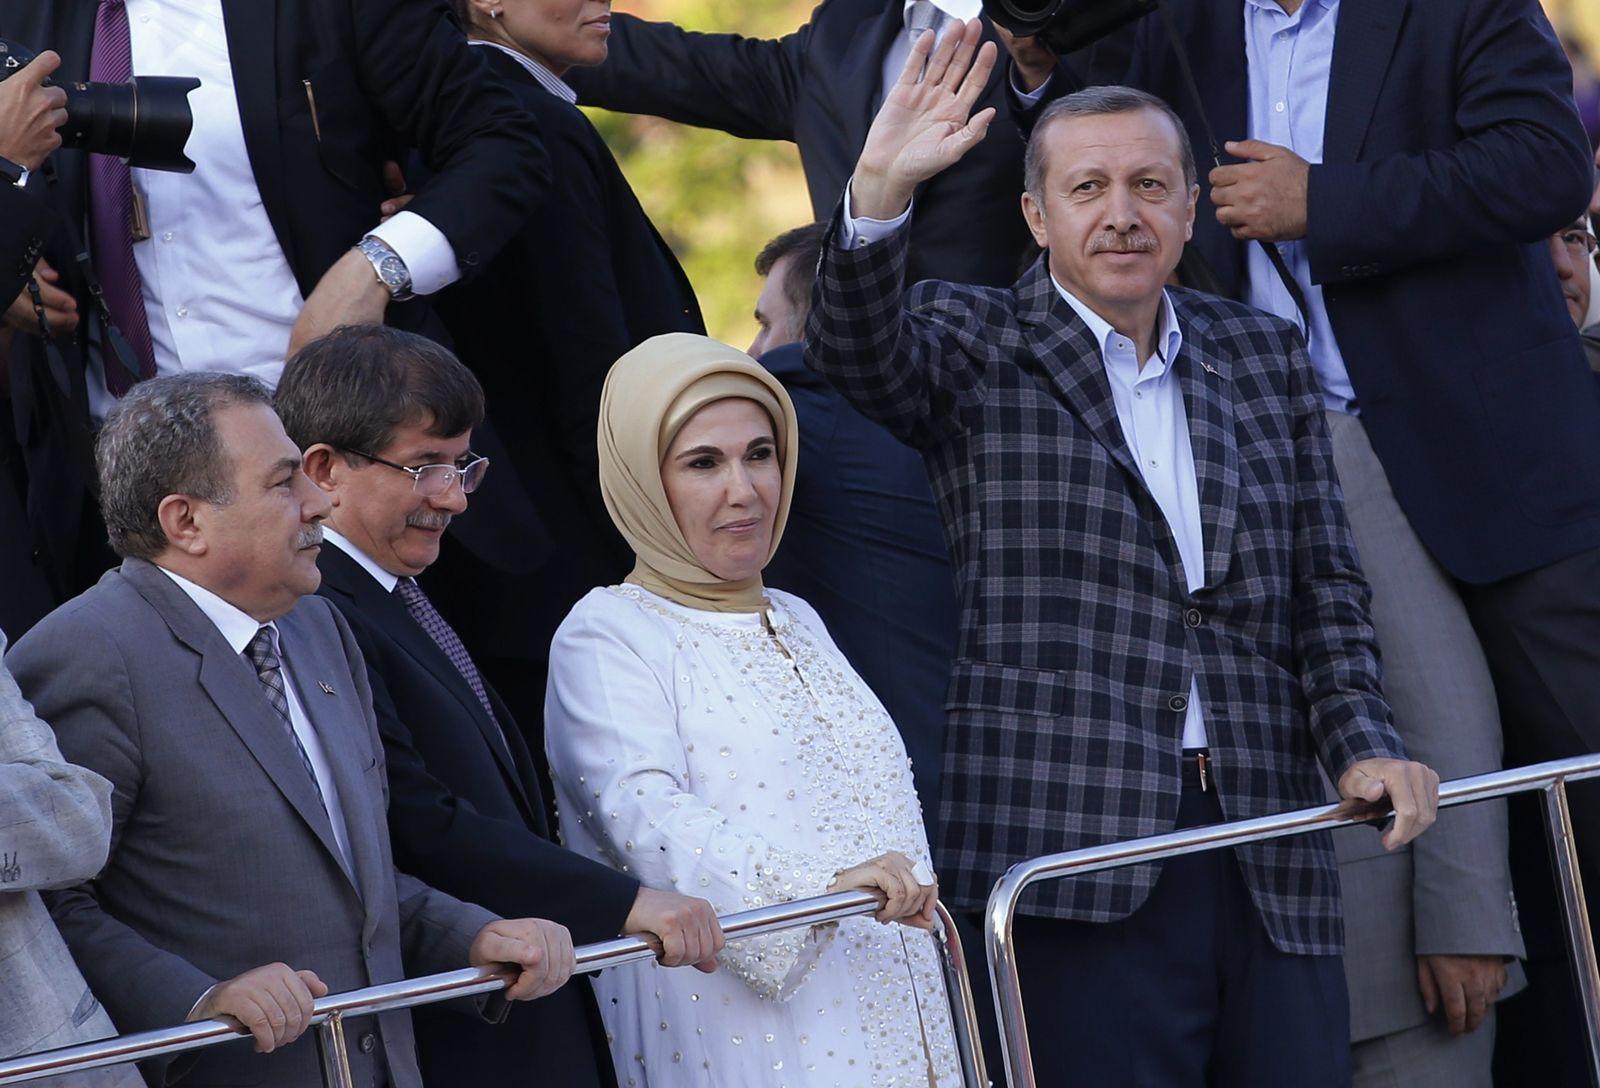 TURKEY-PROTESTS/ERDOGAN